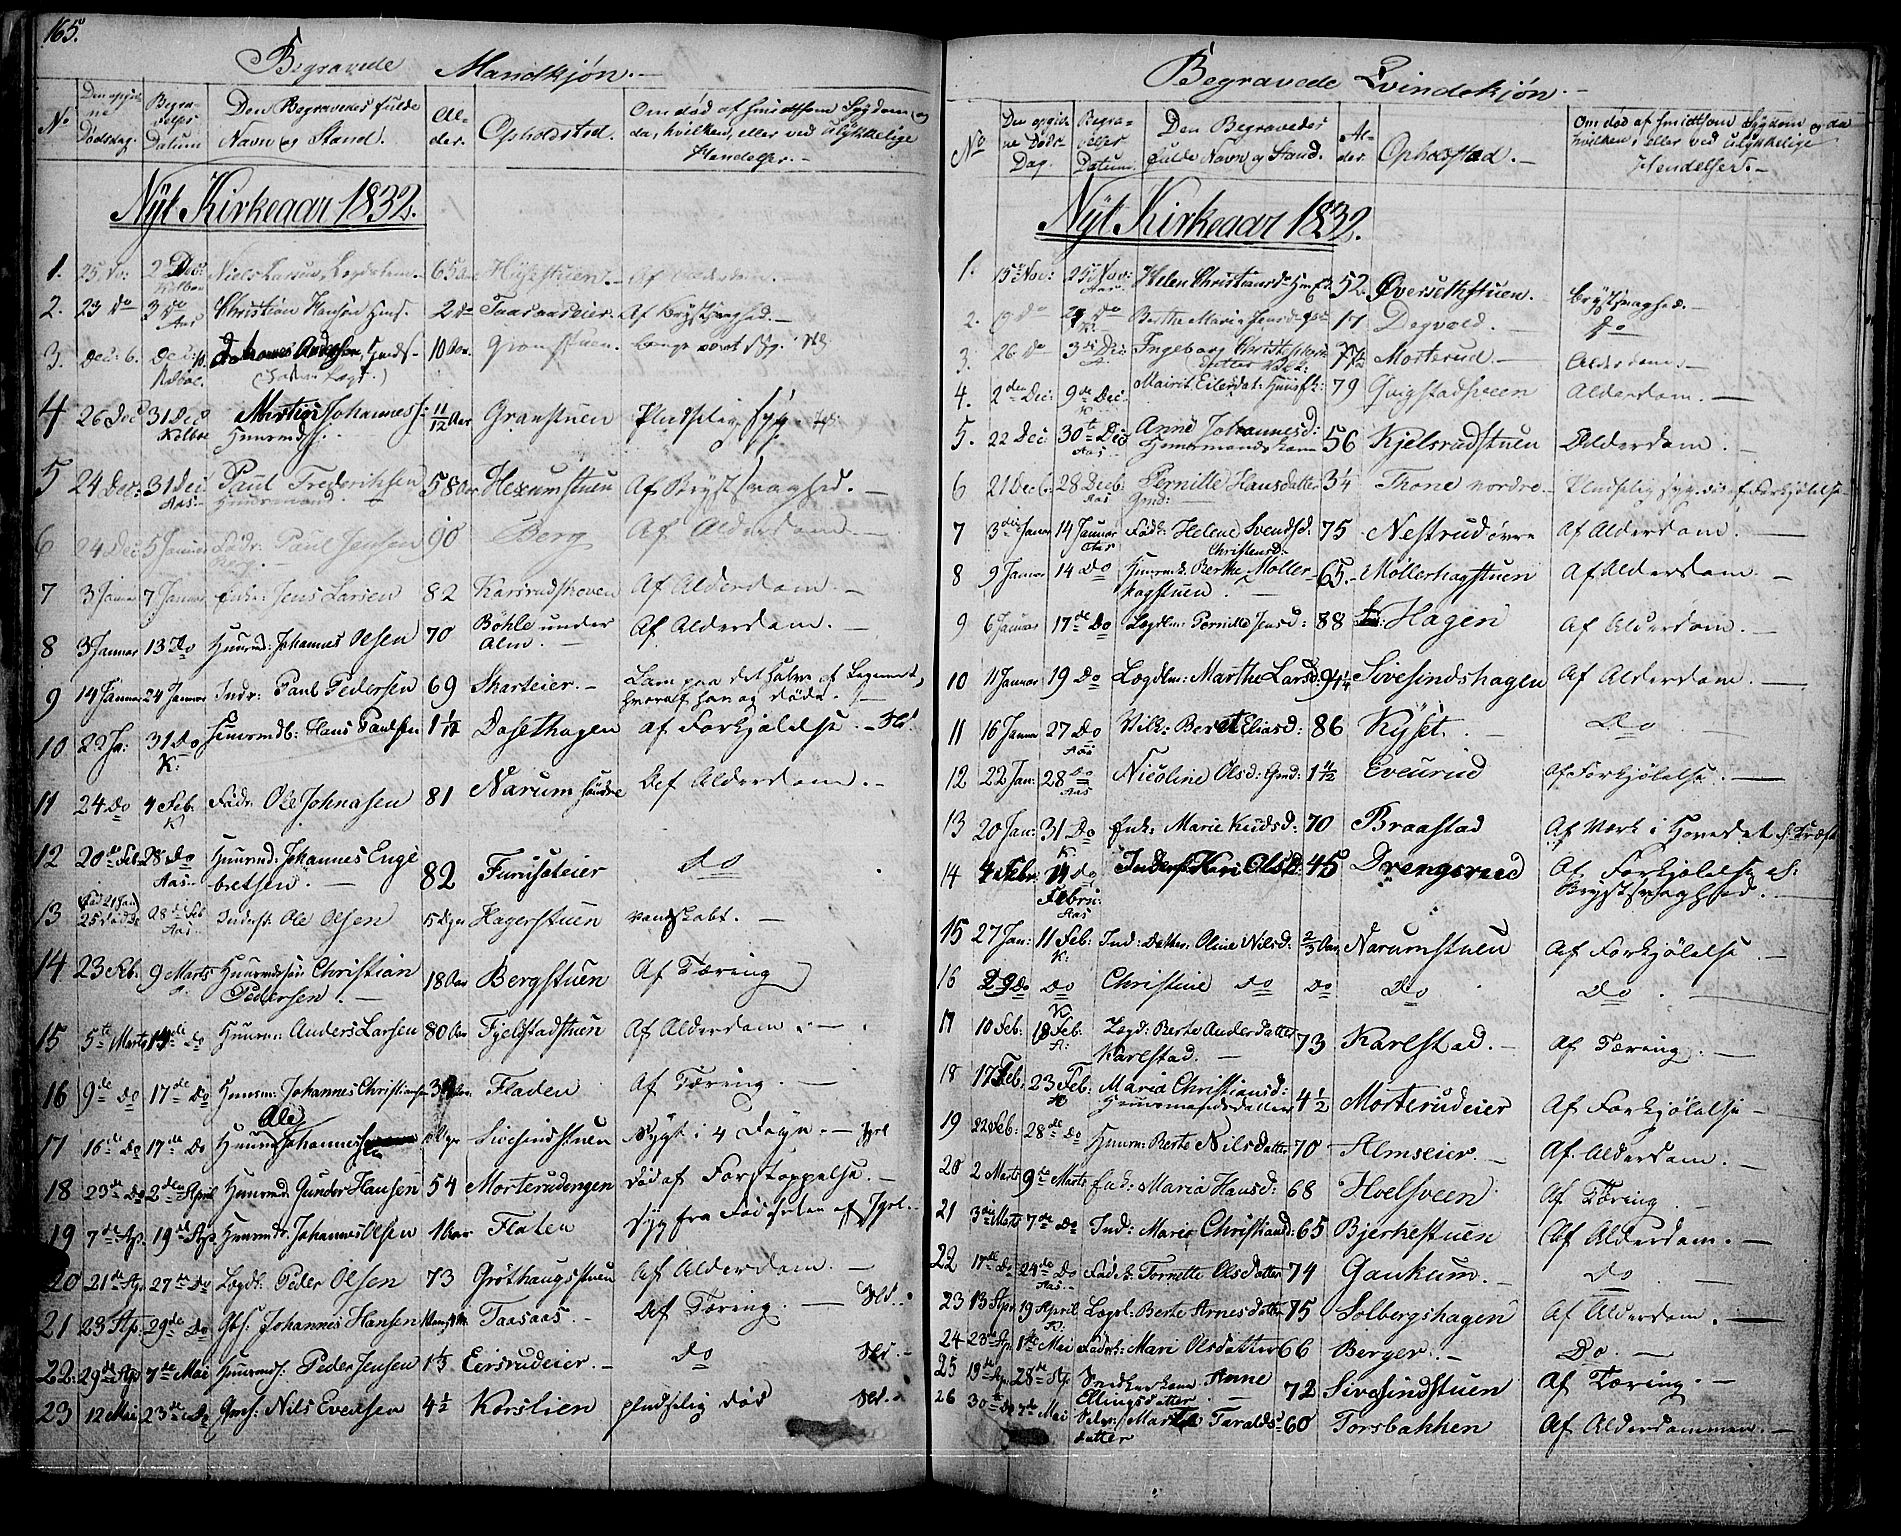 SAH, Vestre Toten prestekontor, Ministerialbok nr. 2, 1825-1837, s. 165